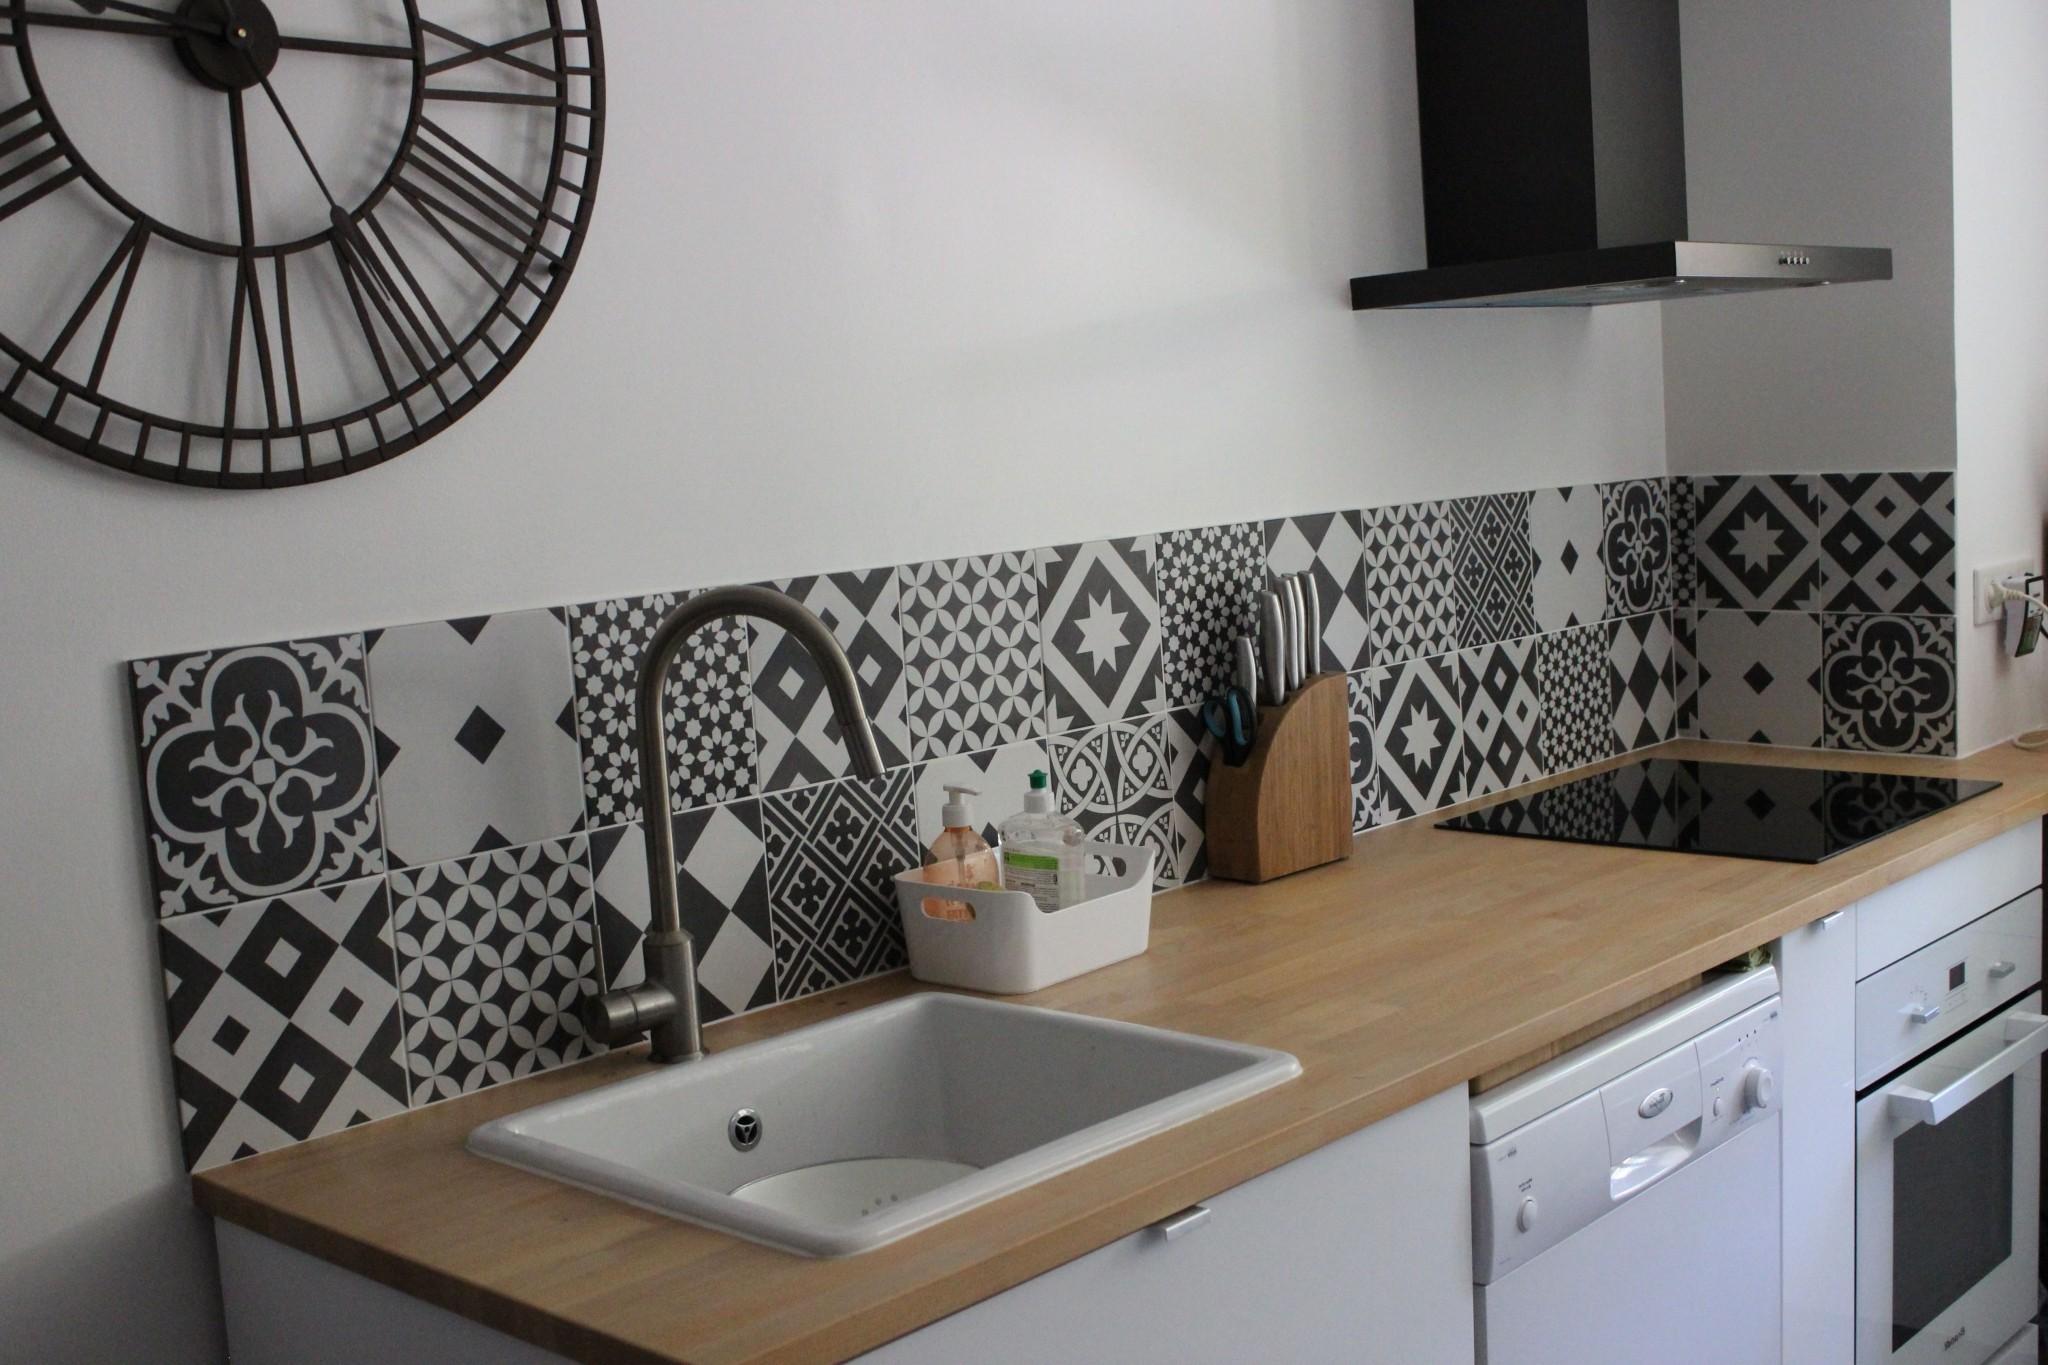 carrelage cuisine le roy merlin cuisine id es de d coration de maison qmlzwybd4o. Black Bedroom Furniture Sets. Home Design Ideas